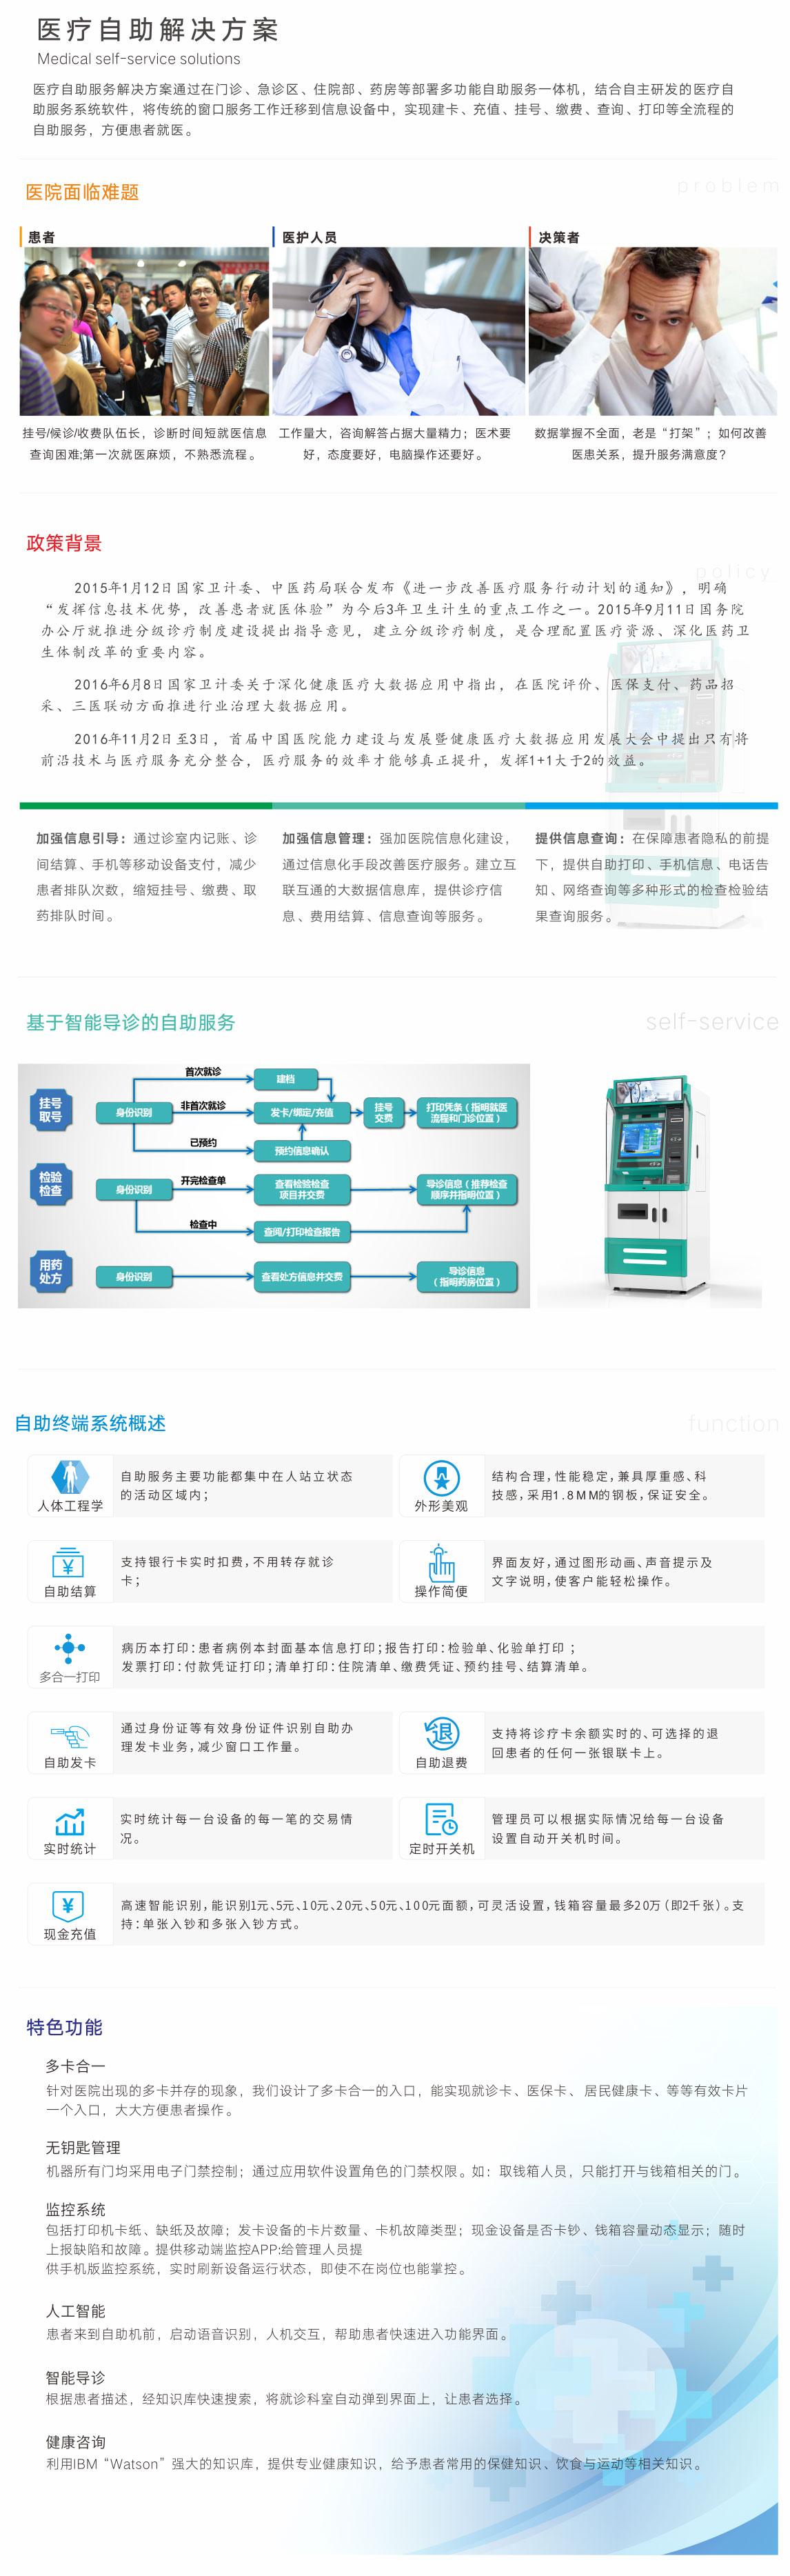 qq三国自助客服系统_智能医疗自助 - 解决方案 - 温州旭辉科技有限公司